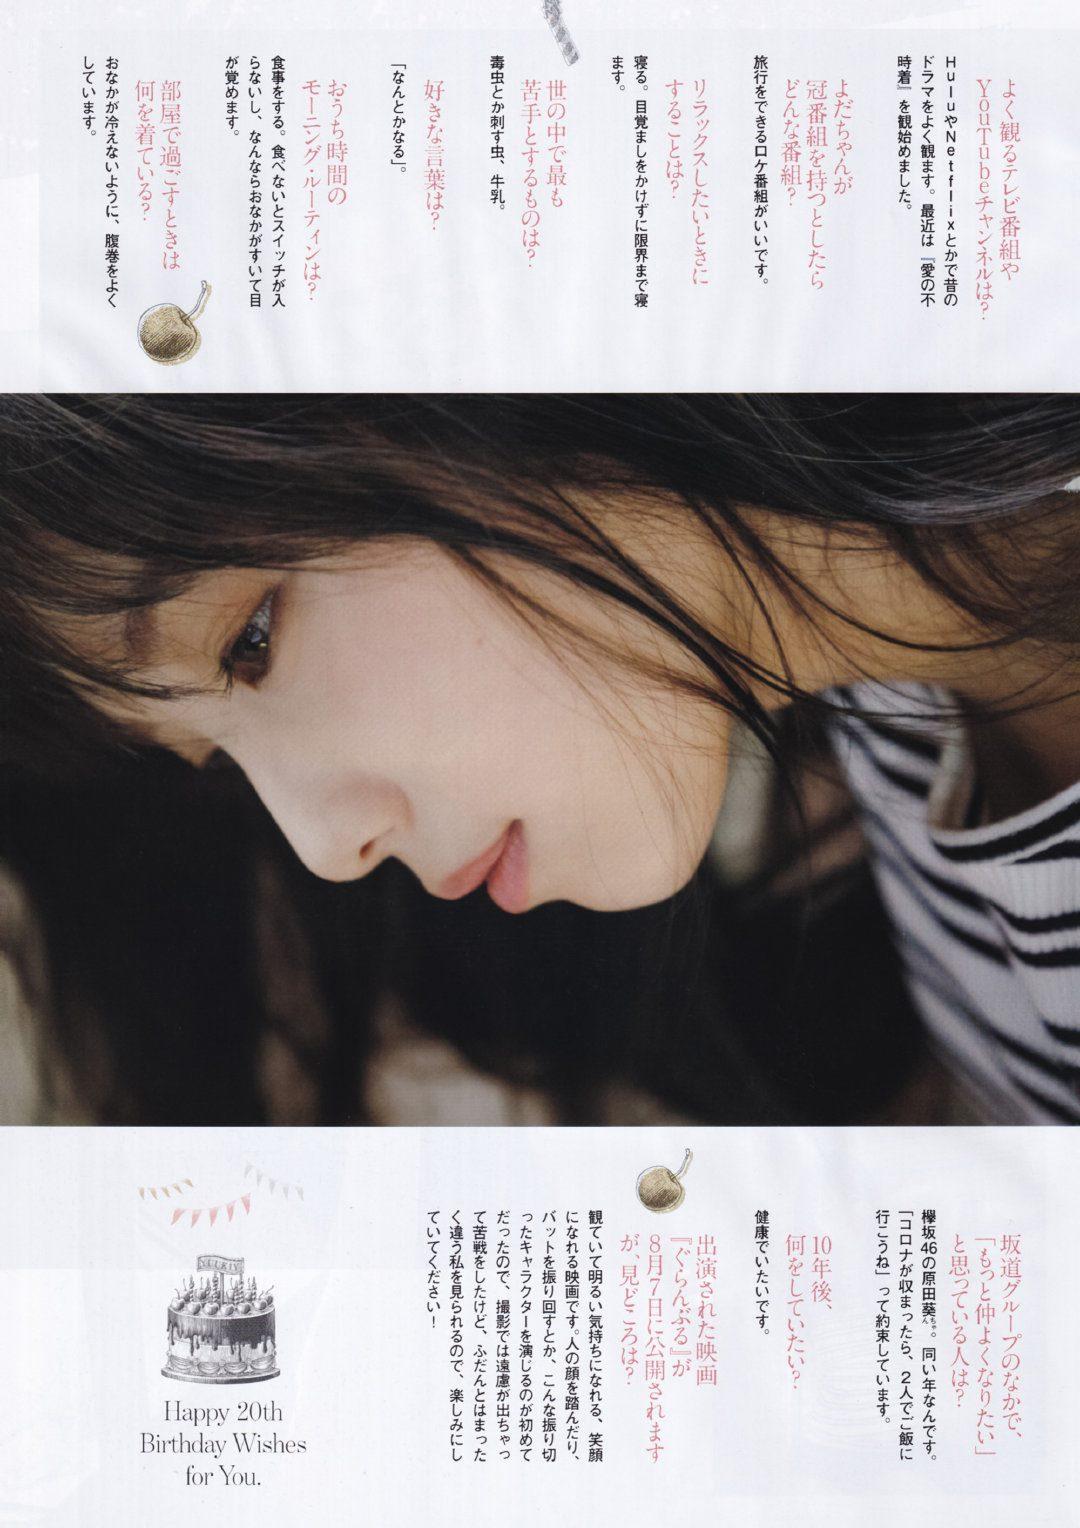 与田佑希清新脱俗美到让人深陷恋爱 养眼图片 第15张